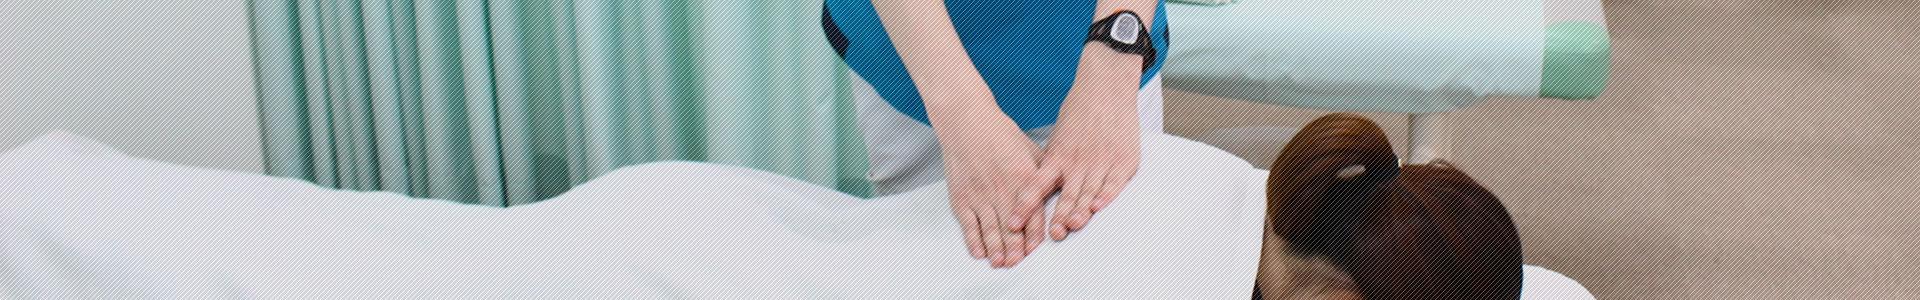 帯広自由が丘整骨院での症状・施術